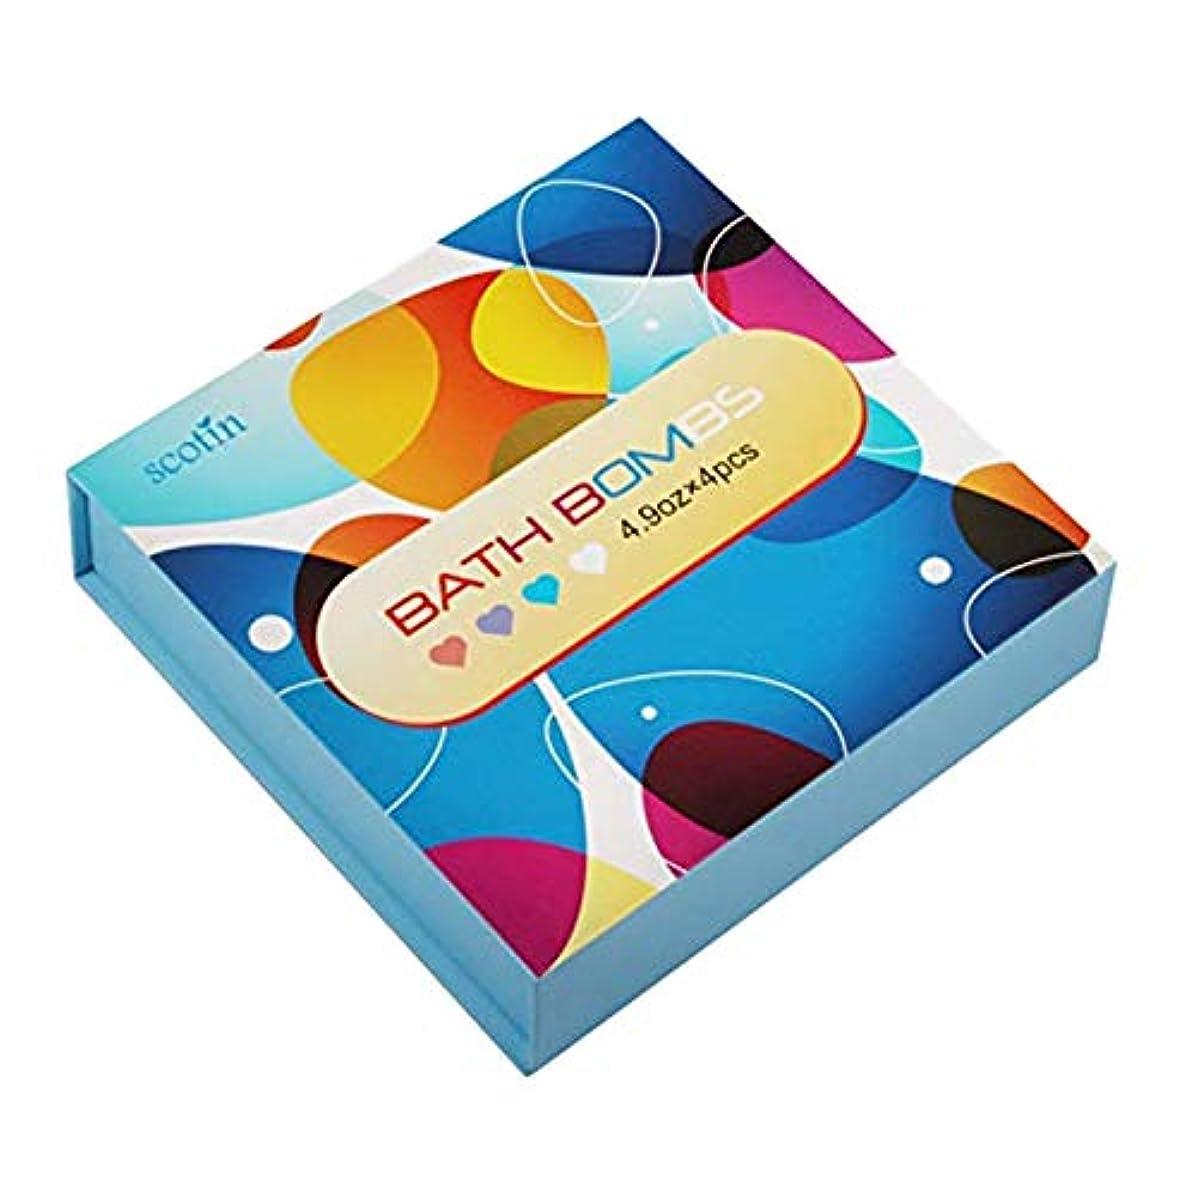 仮装他の日艶TOOGOO バスボール?ギフトセット-女性のための 4つのハート型 手作り-パーフェクト バブル&スパバス用-乾燥肌を保湿するためのエッセンシャルオイルとフレグランスオイル